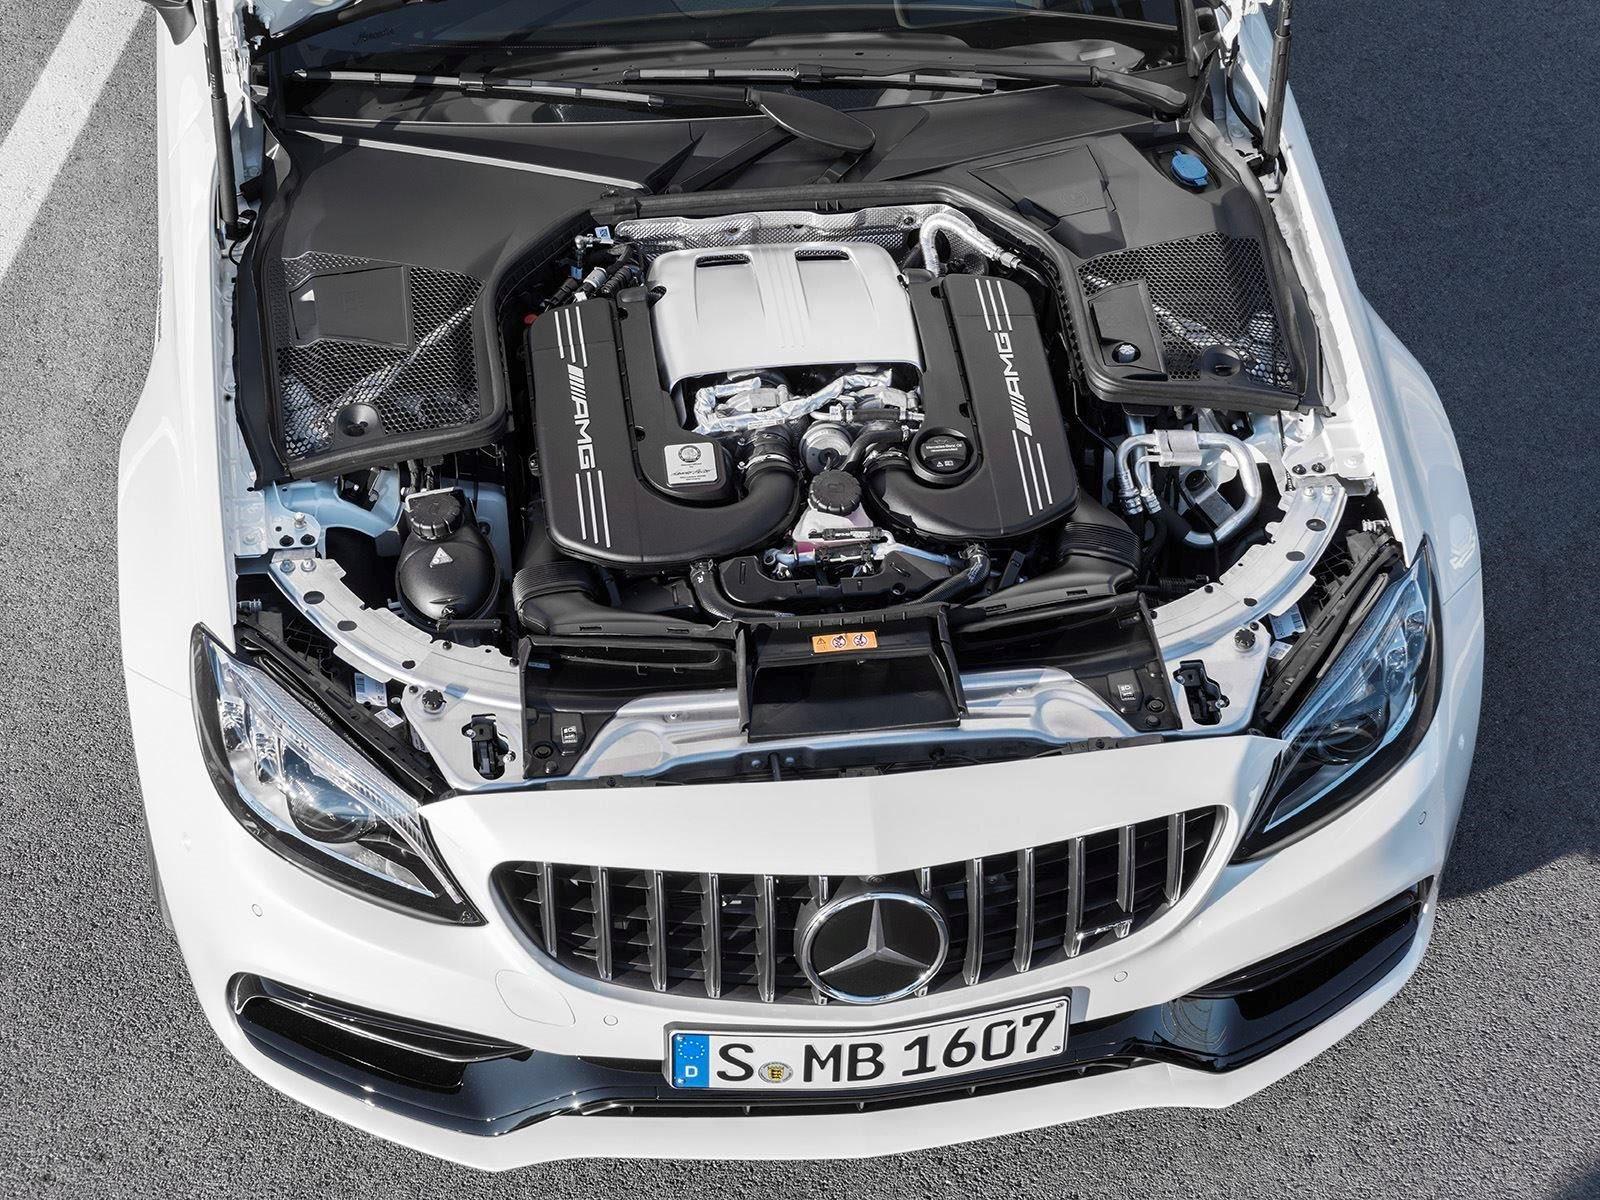 С дебютом 2016 C63 AMG Mercedes-Benz добавил еще один невероятный продукт в свою быстрорастущую и масштабную коллекцию.